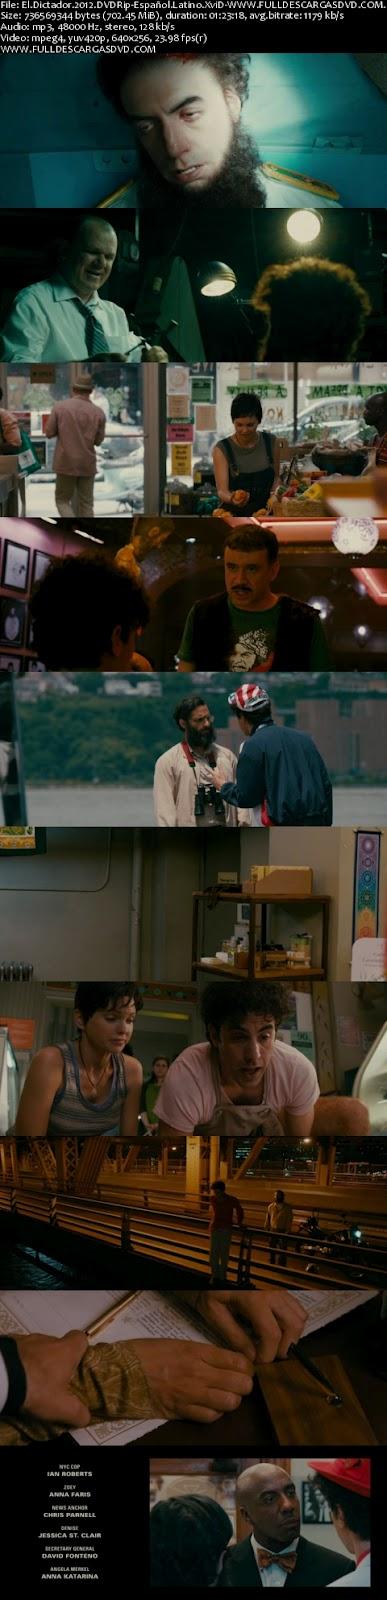 El Dictador 2012 DVDRip Español Latino Comedia Descargar 1 Link